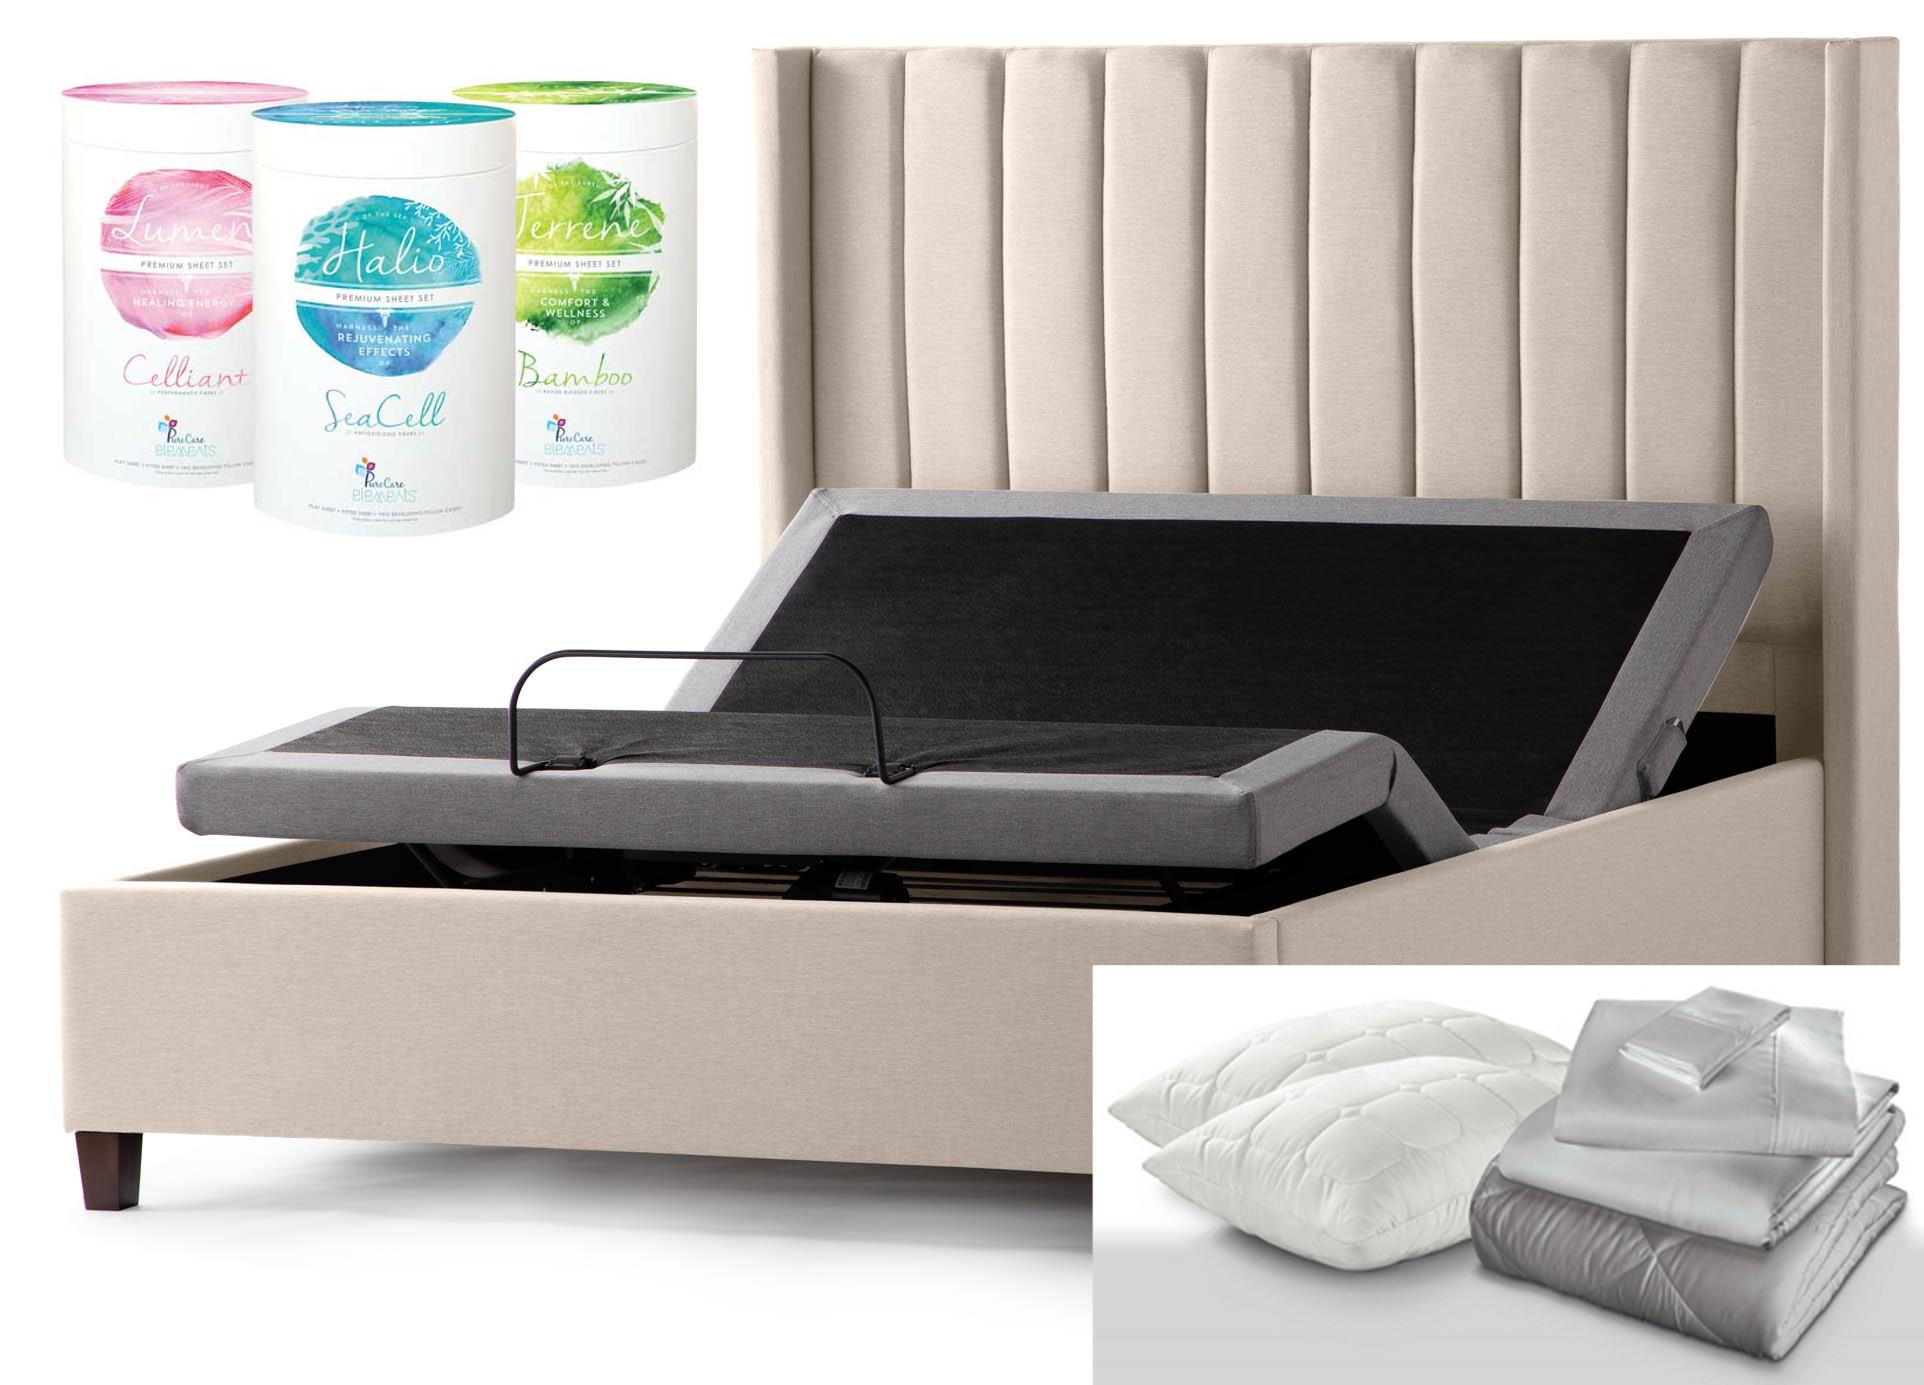 austin mattress store accessories